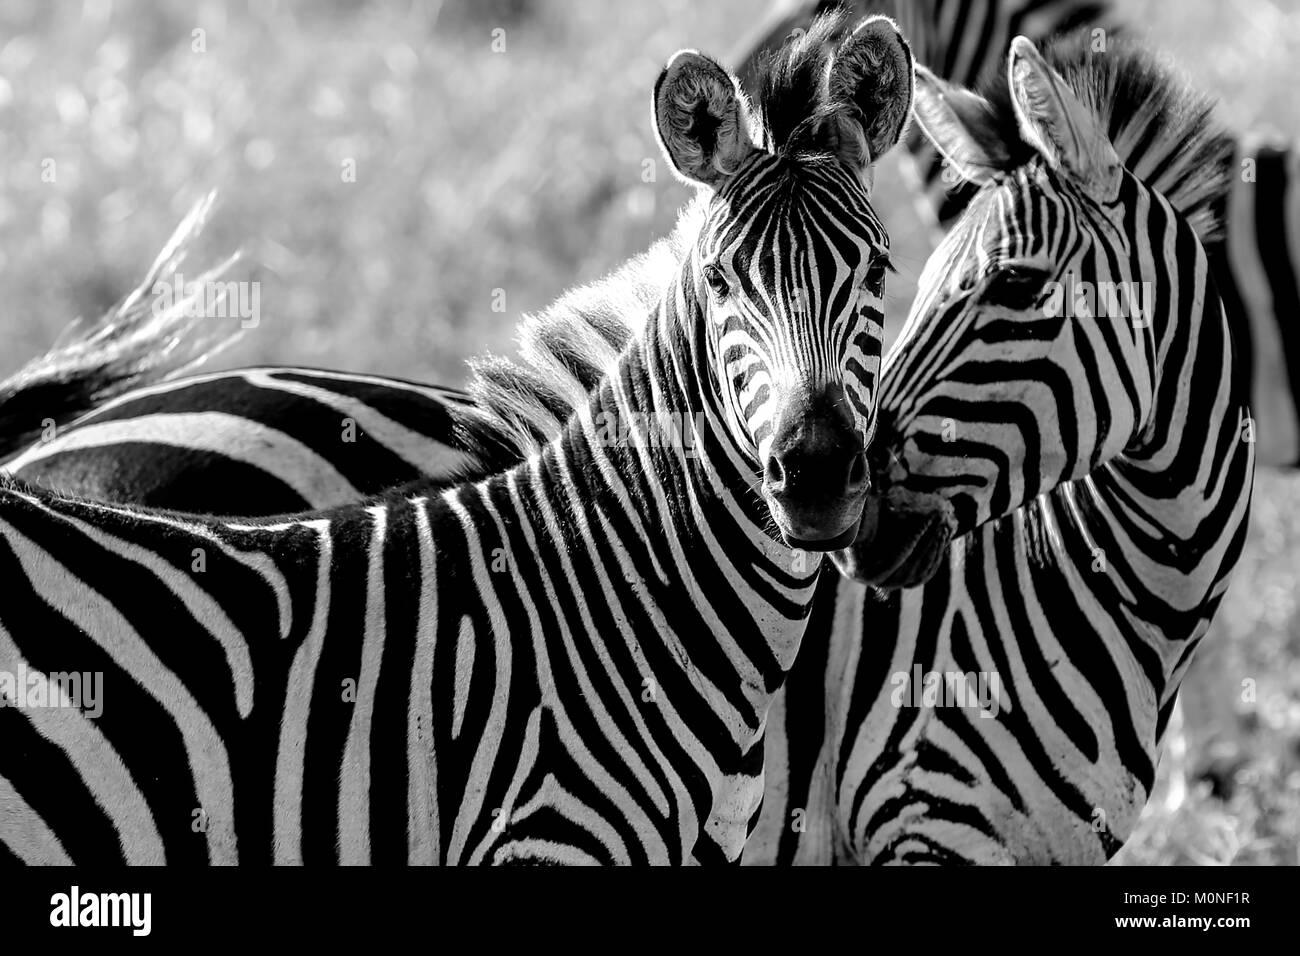 Deux de toucher le nez avec d'autres derrière contre zebra fond de prairie en noir et blanc Photo Stock